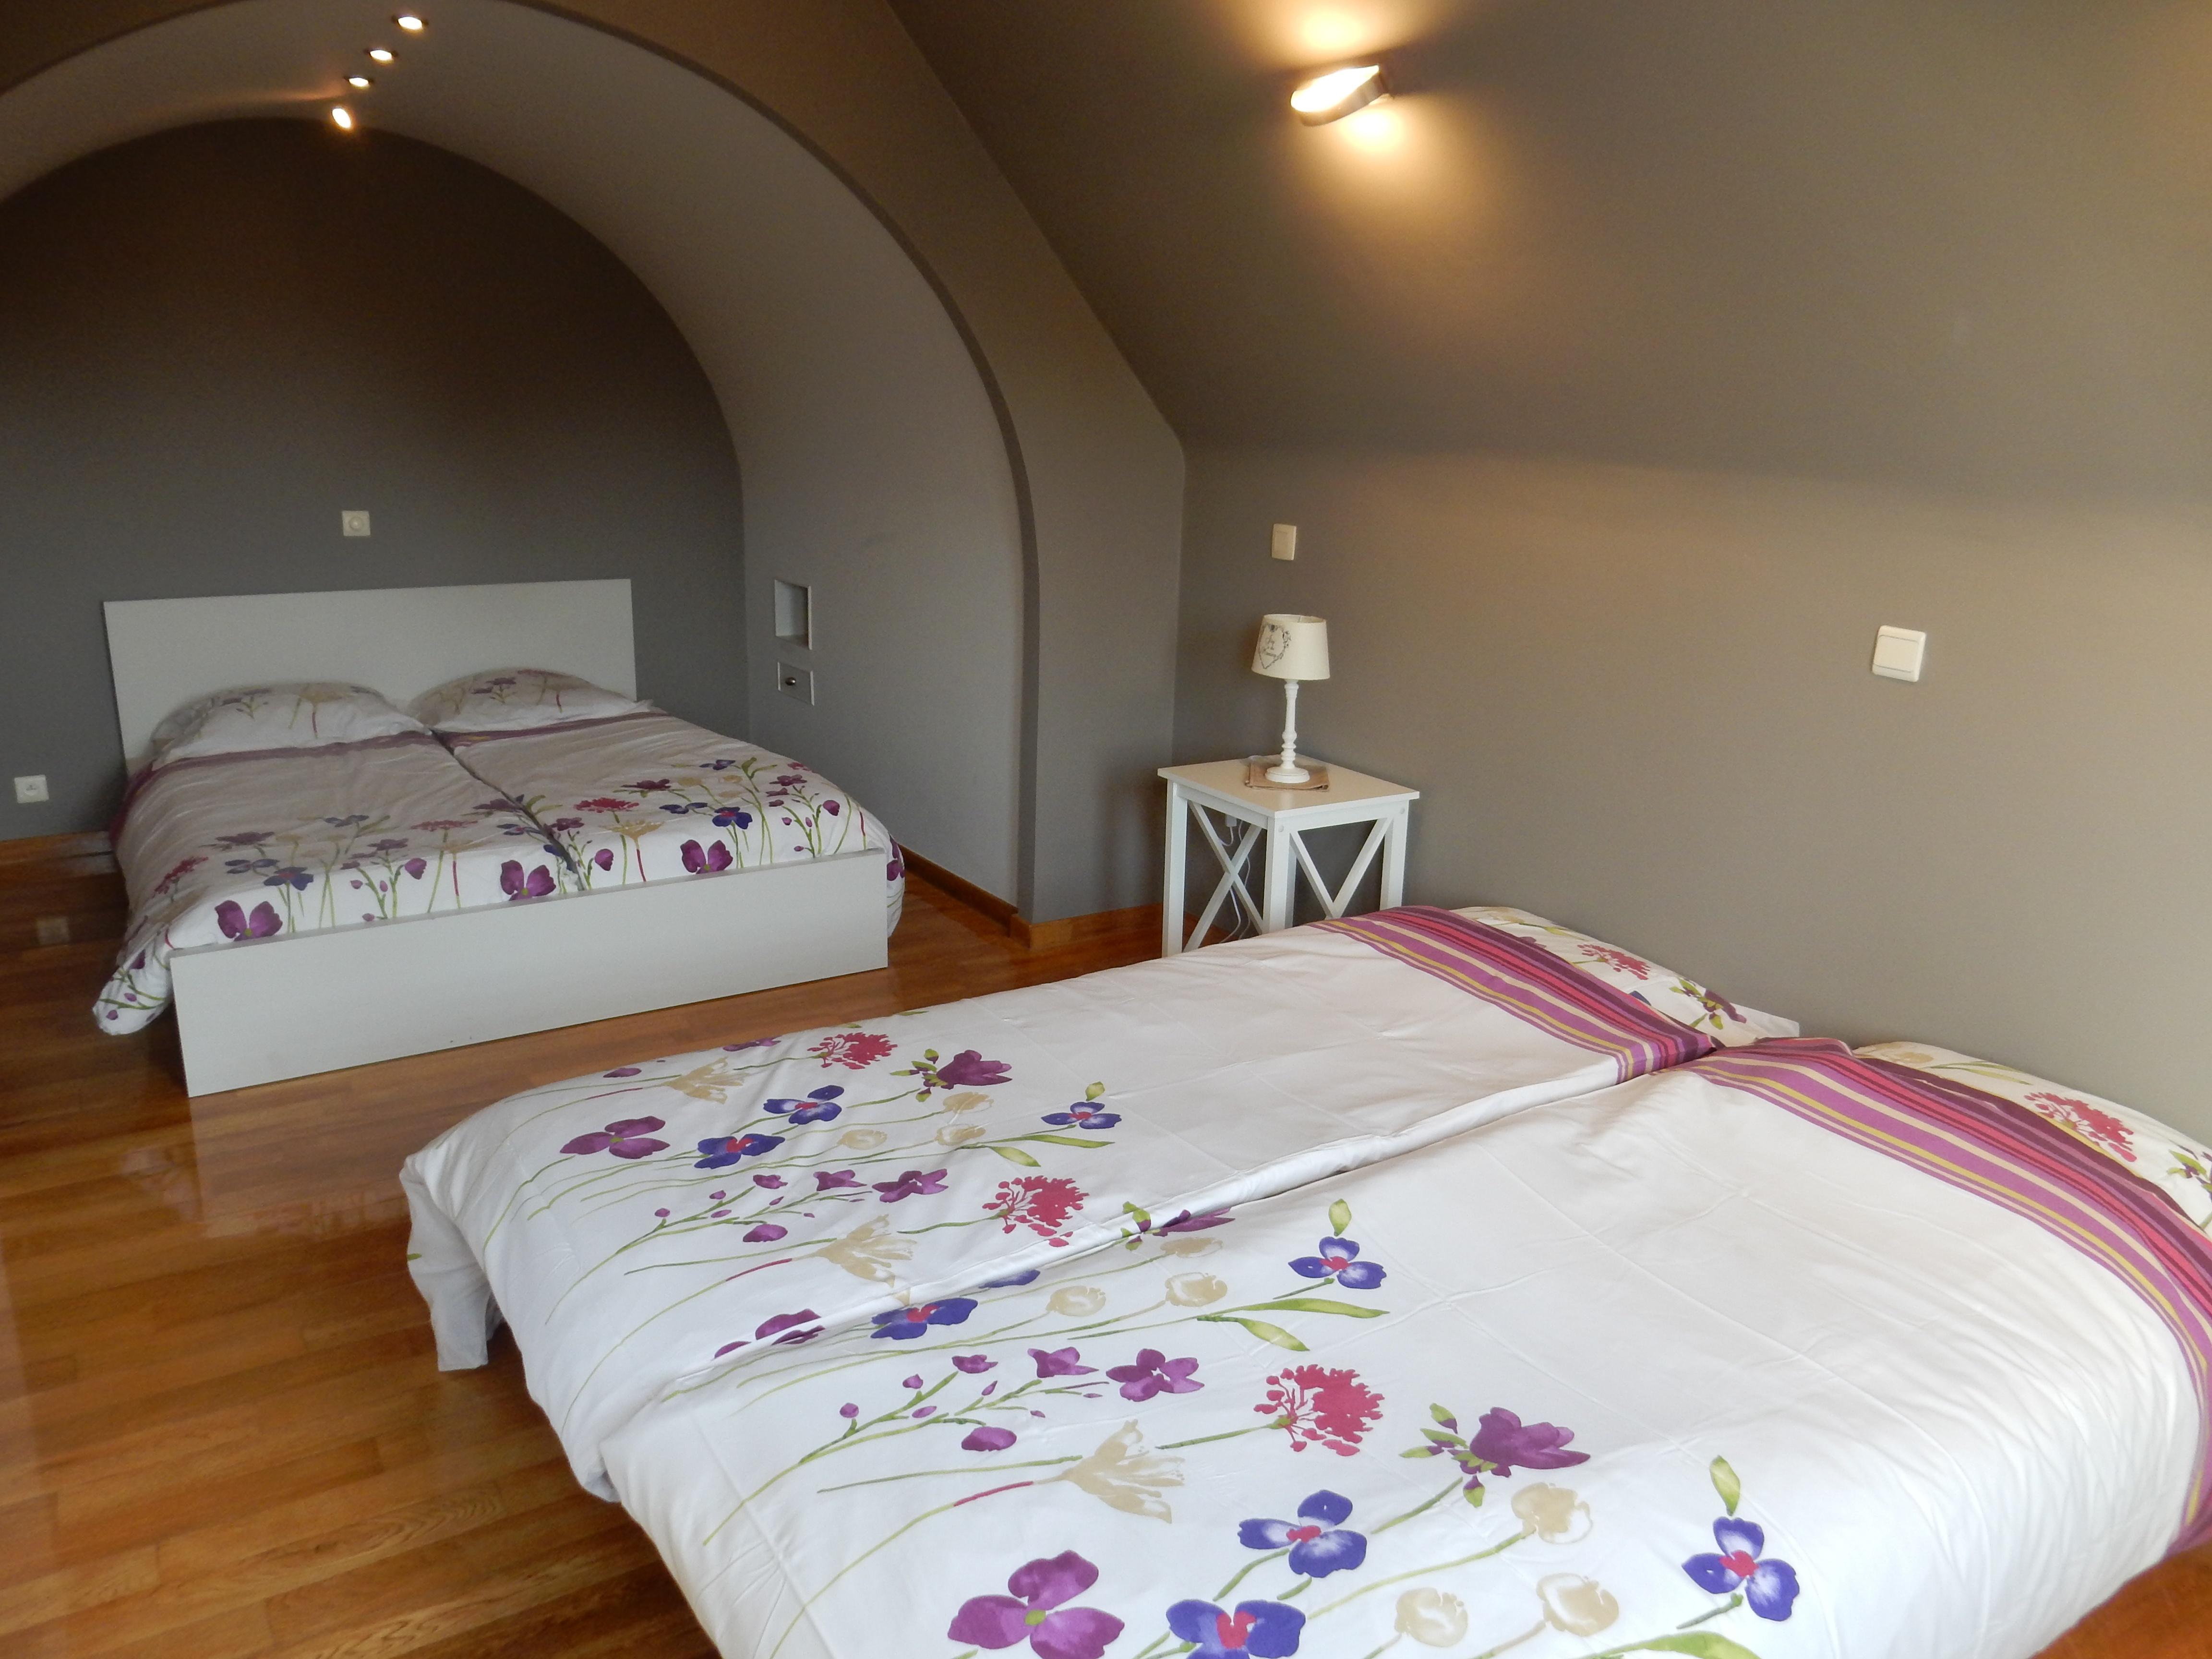 vakantiehuis aan zee Villa Marie Oli slaapkamer